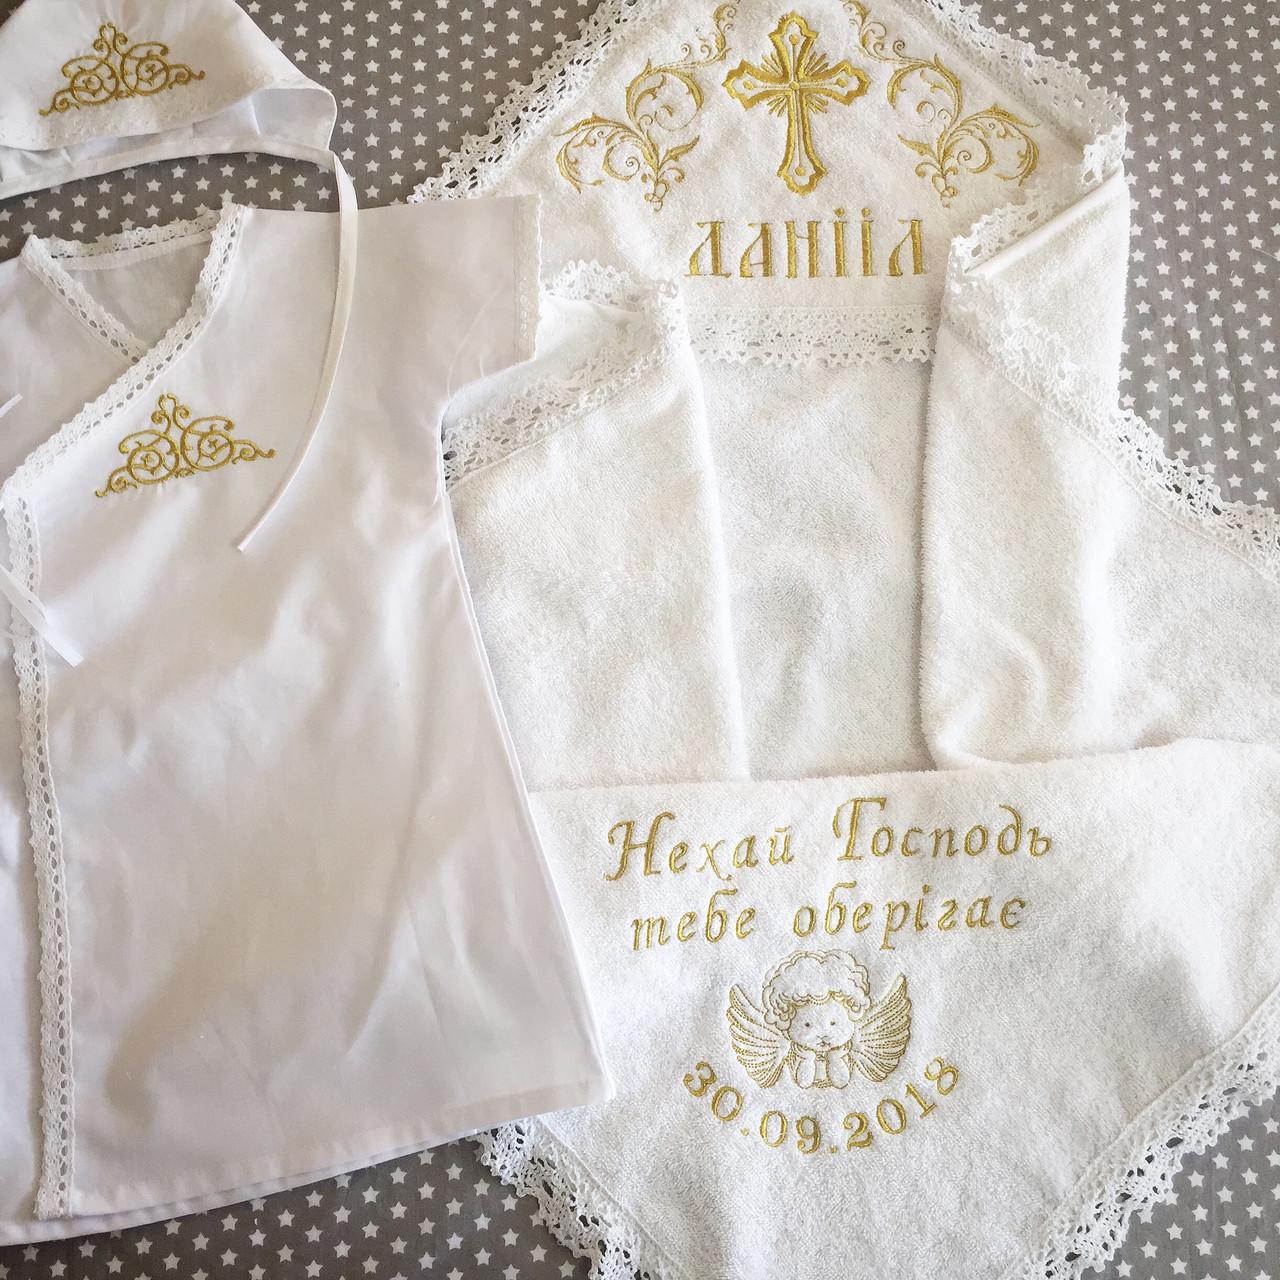 380d841b6e2d33 Набір на хрещення для хлопчика, цена 850 грн., купить в Ровно — Prom.ua  (ID#778796964)